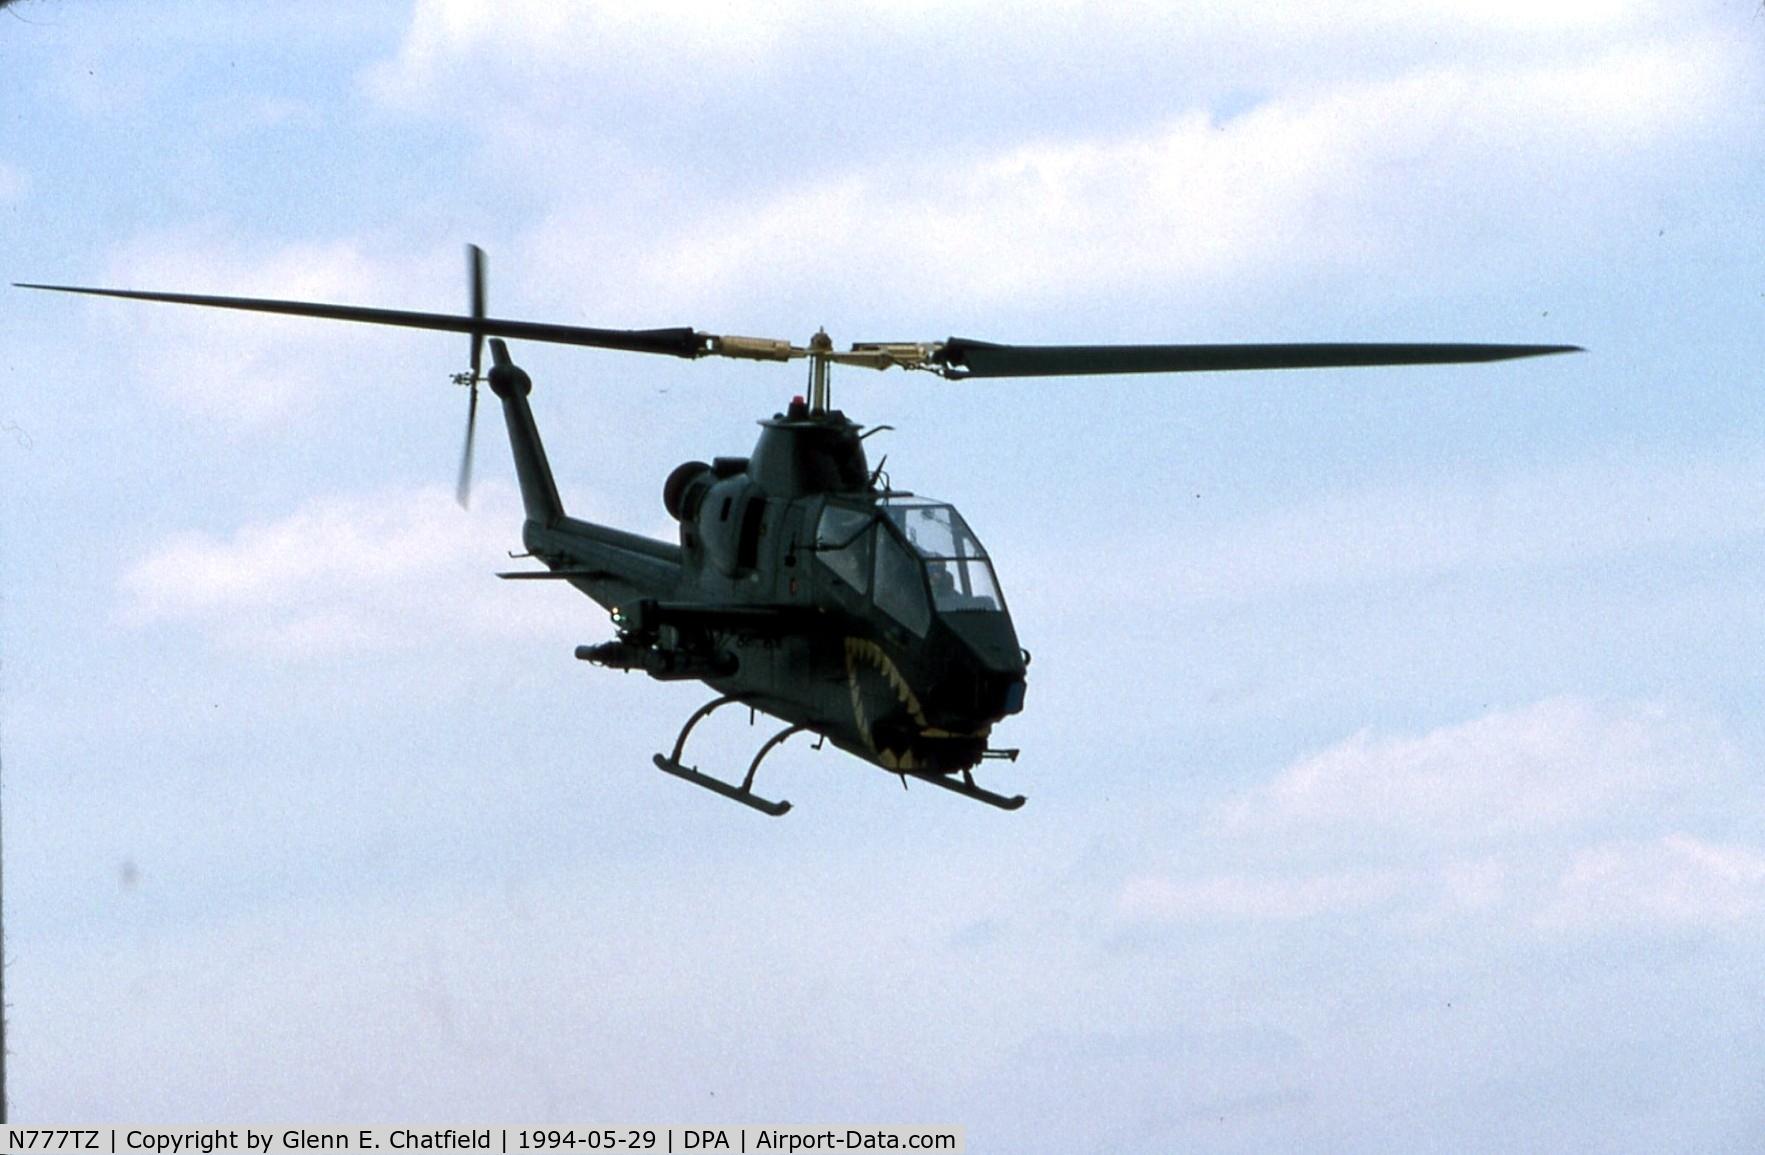 N777TZ, Bell AH-1E (209) C/N 22197, AH-1S 78-23091 rebuilt. Crashed in 1996